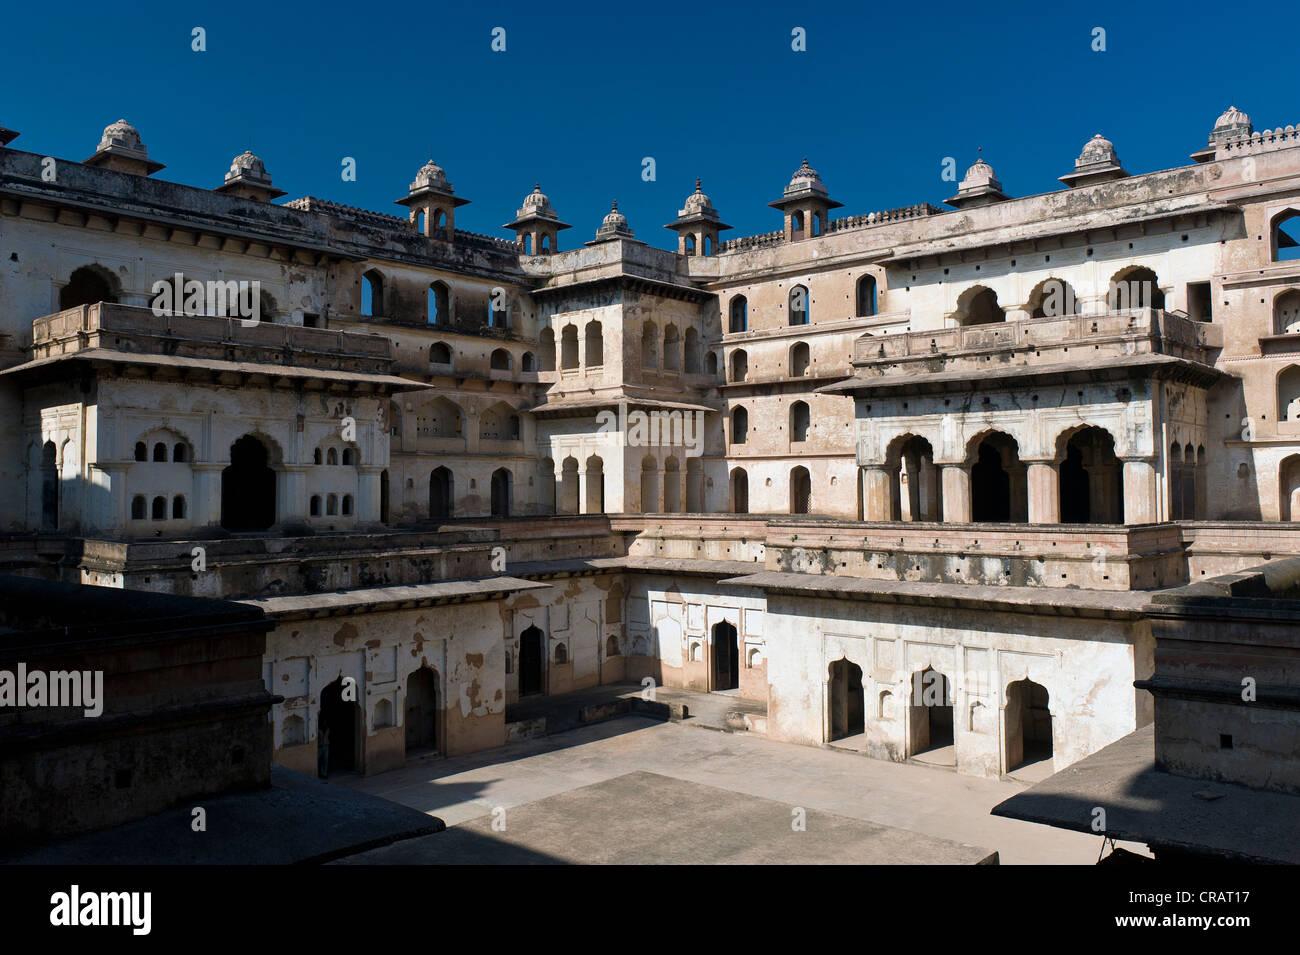 Courtyard, Raj Mahal Palace, Orchha, Madhya Pradesh, North India, India, Asia - Stock Image